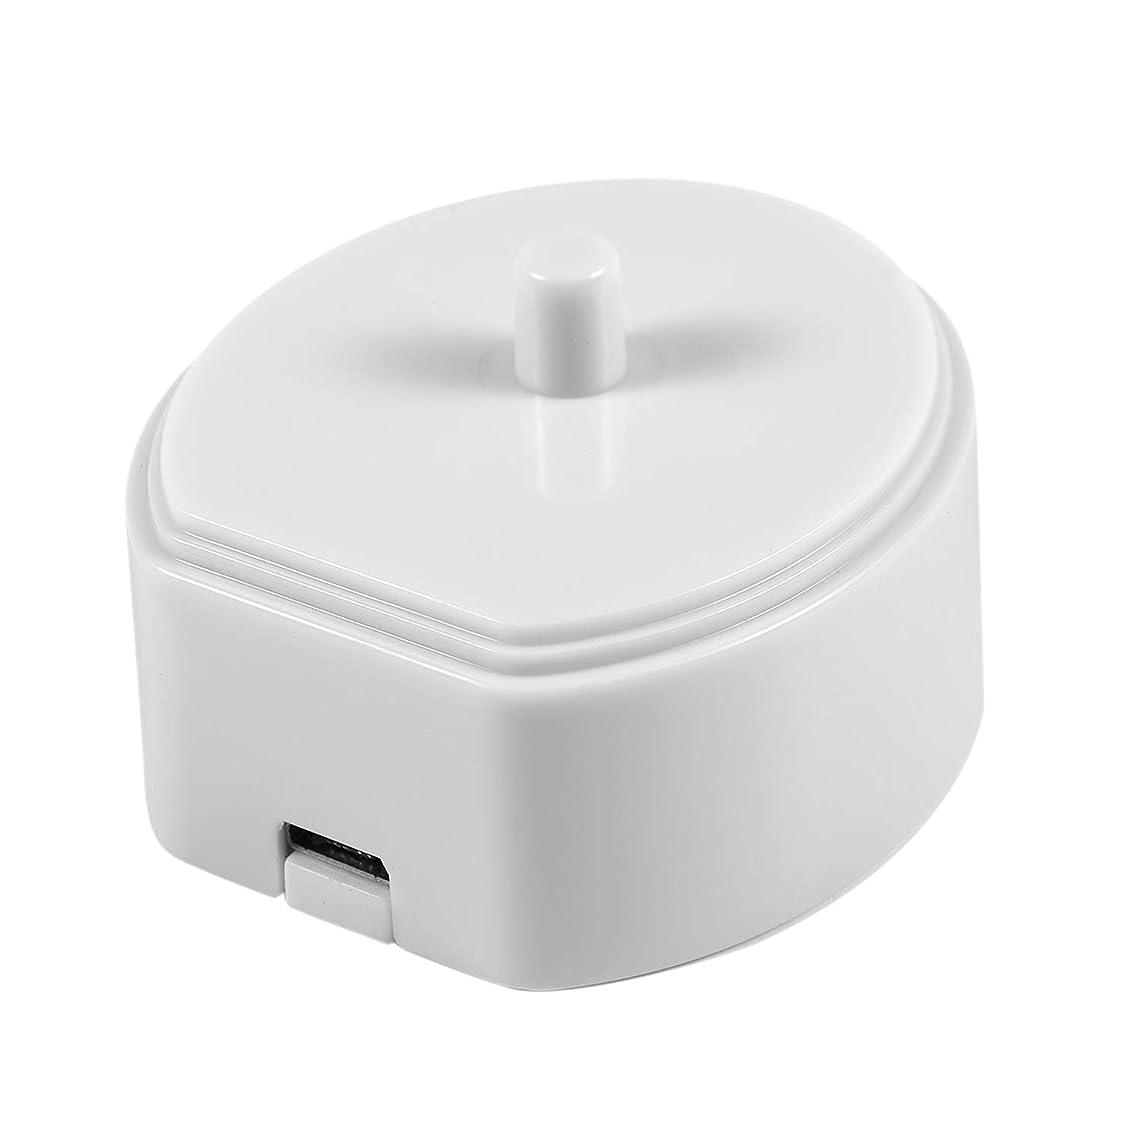 バルーンヶ月目集中ACAMPTAR Hx6730 Hx6721 Hx3216 Hx3226 Hx6616 Hx3120用電動歯ブラシUsbポータブル充電器充電クレードルドック(ホワイト)